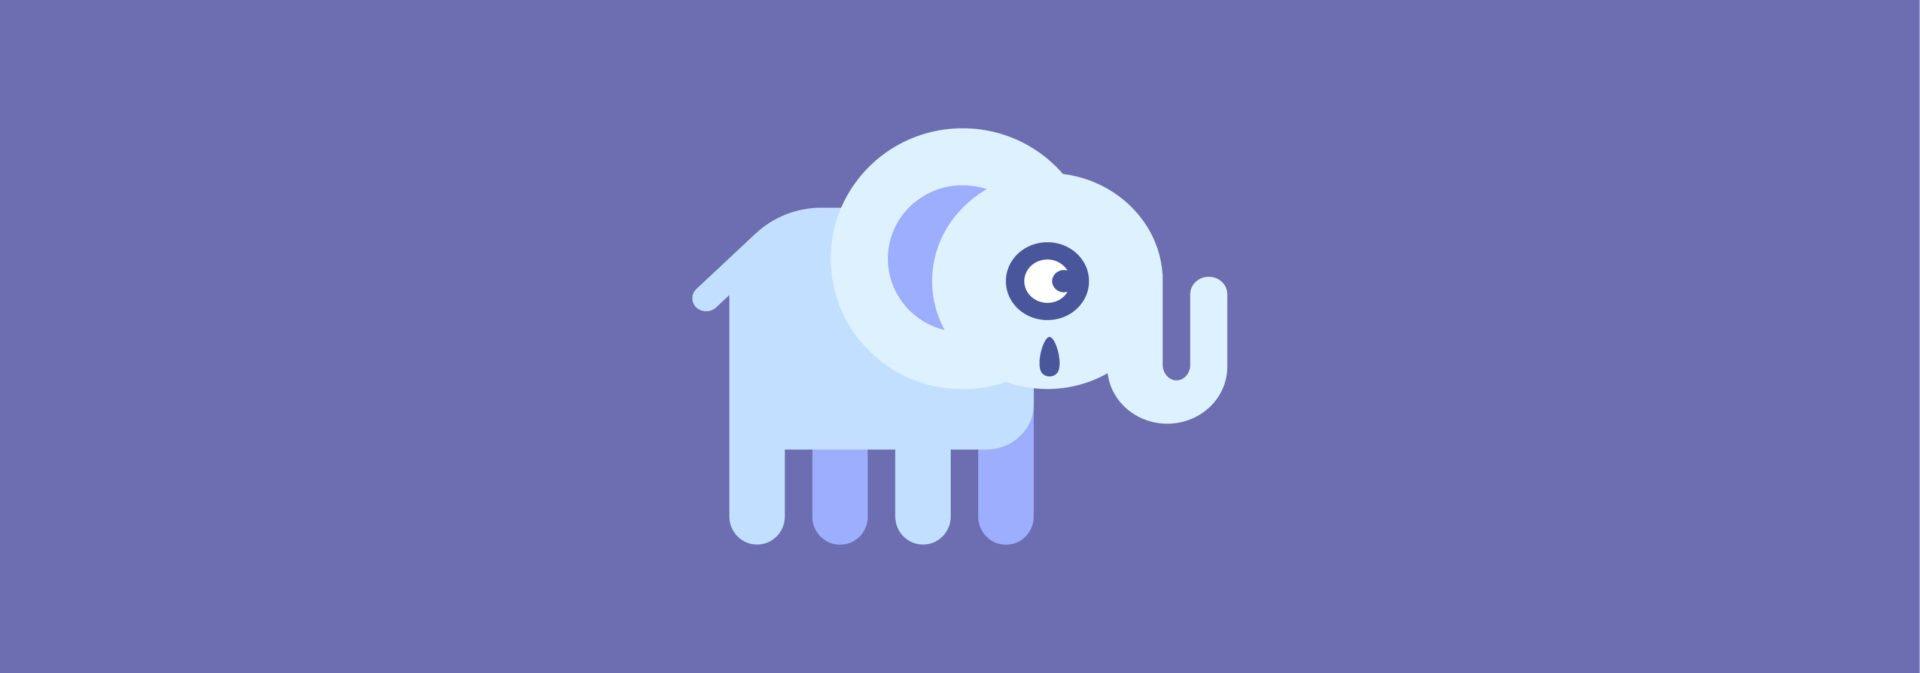 Логотип «Почему многие программисты считают PHP плохим языком? — отвечают эксперты»